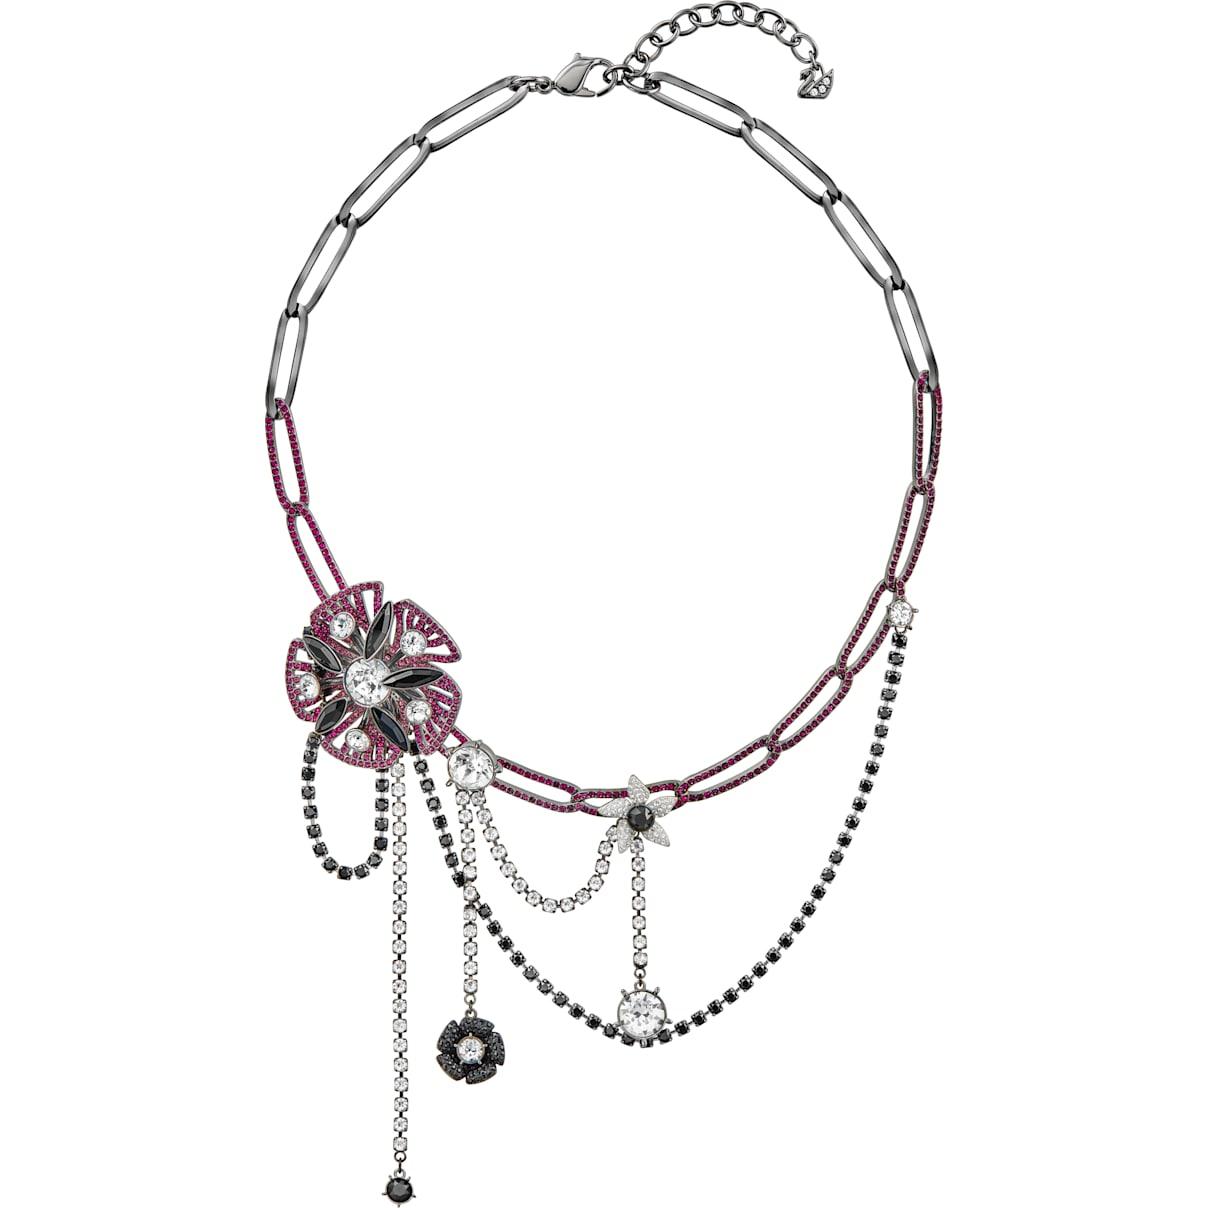 Swarovski Magician Necklace, Multi-colored, Ruthenium plated